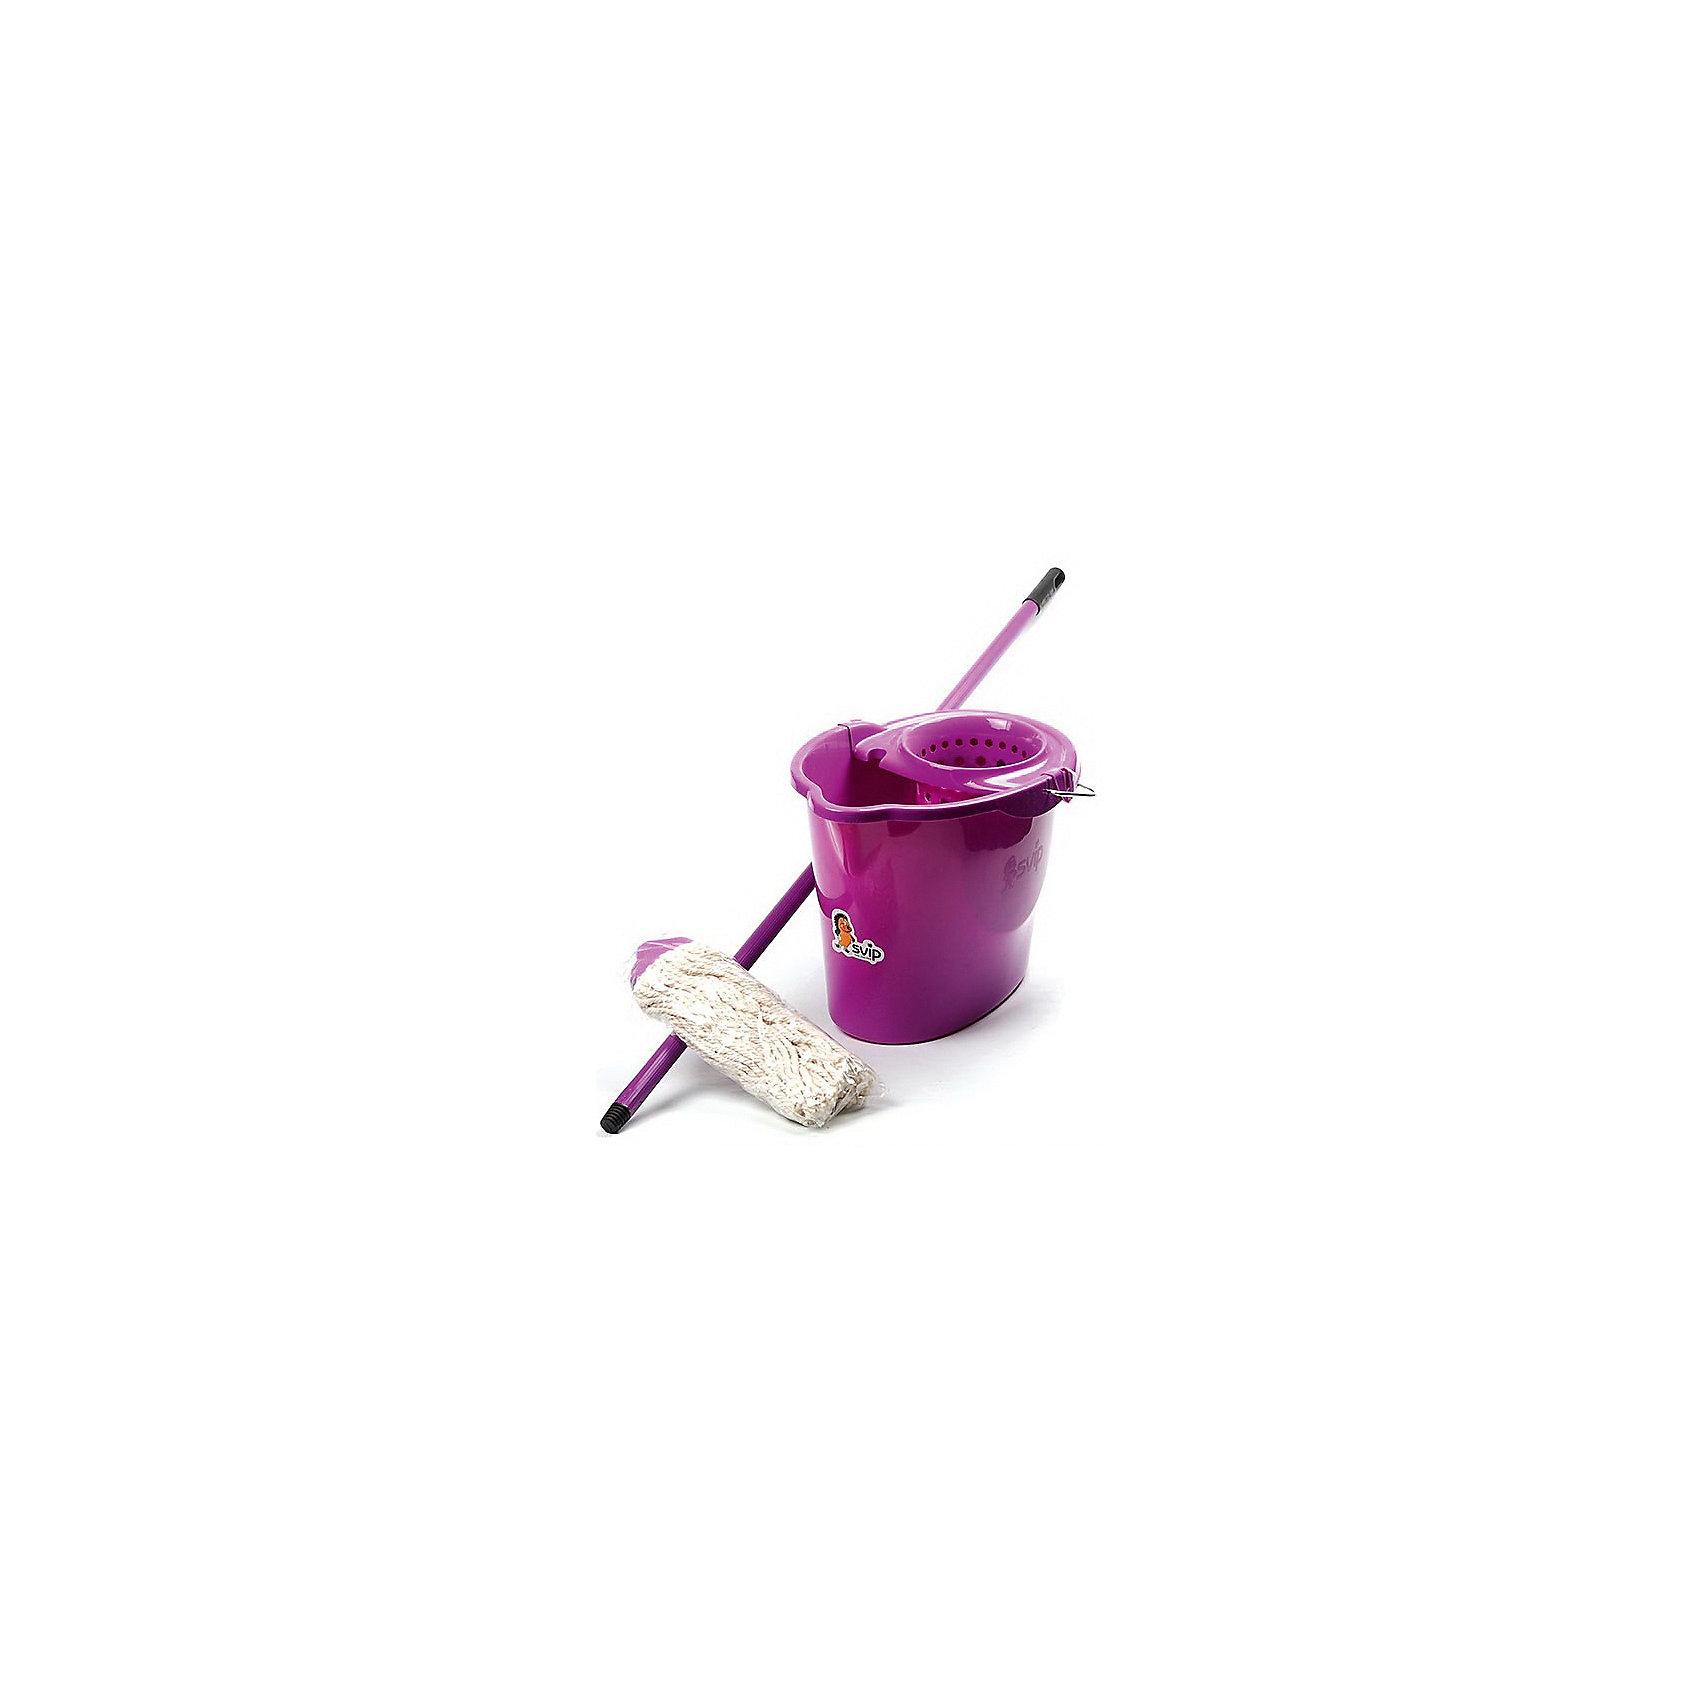 Комплект для влажной уборки МОП, SvipВанная комната<br>Комплект предназначен для влажной уборки. В комплект входит черенок 110 см, классический хлопковый  МОП и овальное 12 литровое ведро с отжимом. Весь комплект в целом, идеально подходит для проведения влажной уборки дома.<br><br>Ширина мм: 335<br>Глубина мм: 340<br>Высота мм: 1340<br>Вес г: 810<br>Возраст от месяцев: 216<br>Возраст до месяцев: 1188<br>Пол: Унисекс<br>Возраст: Детский<br>SKU: 5545649